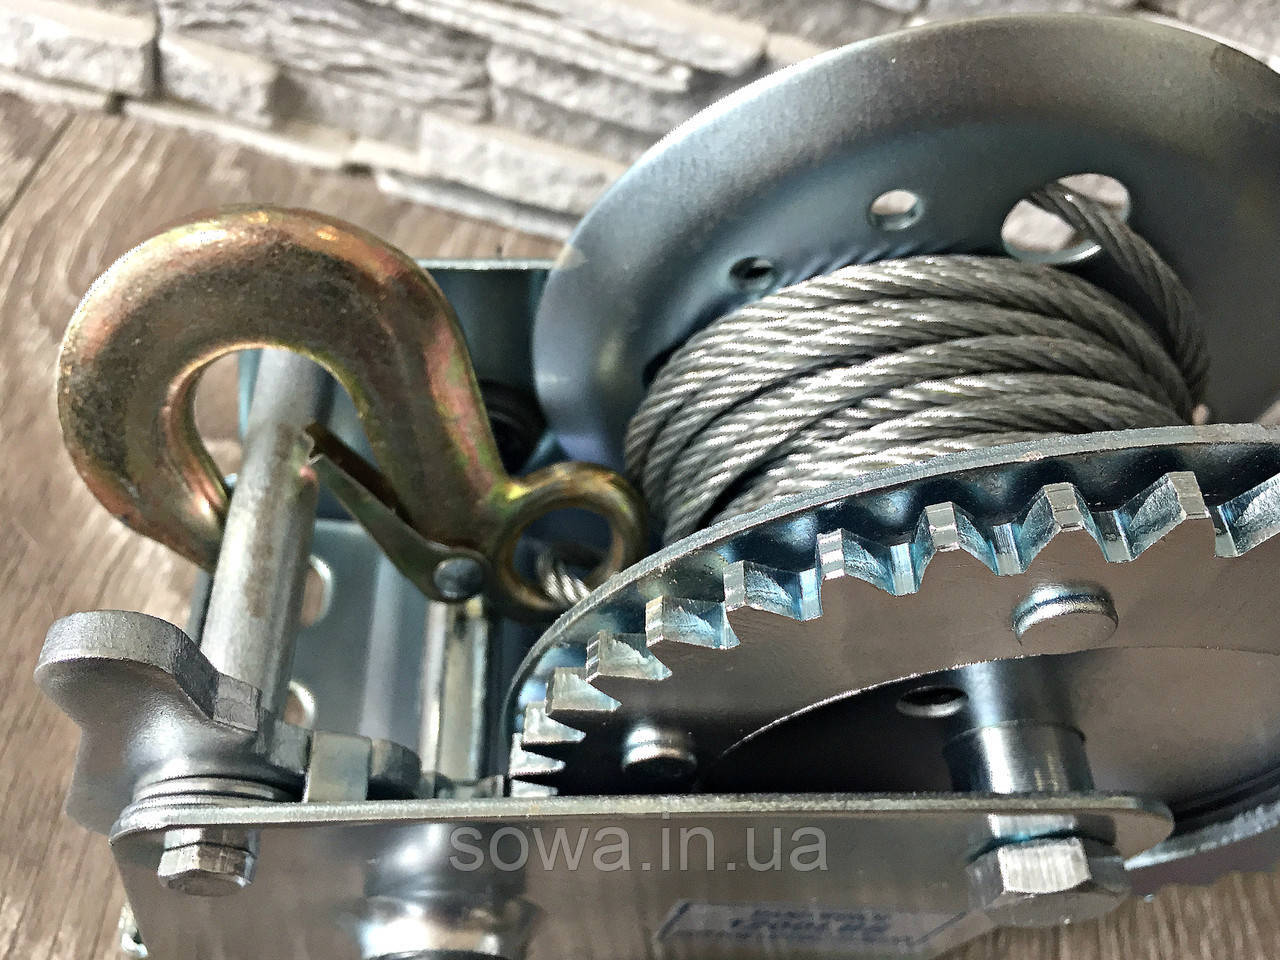 ✔️ Лебедка Автомобильная, барабанная  1200 фунтів/800 кг ( с крепкой стальной конструкцией )